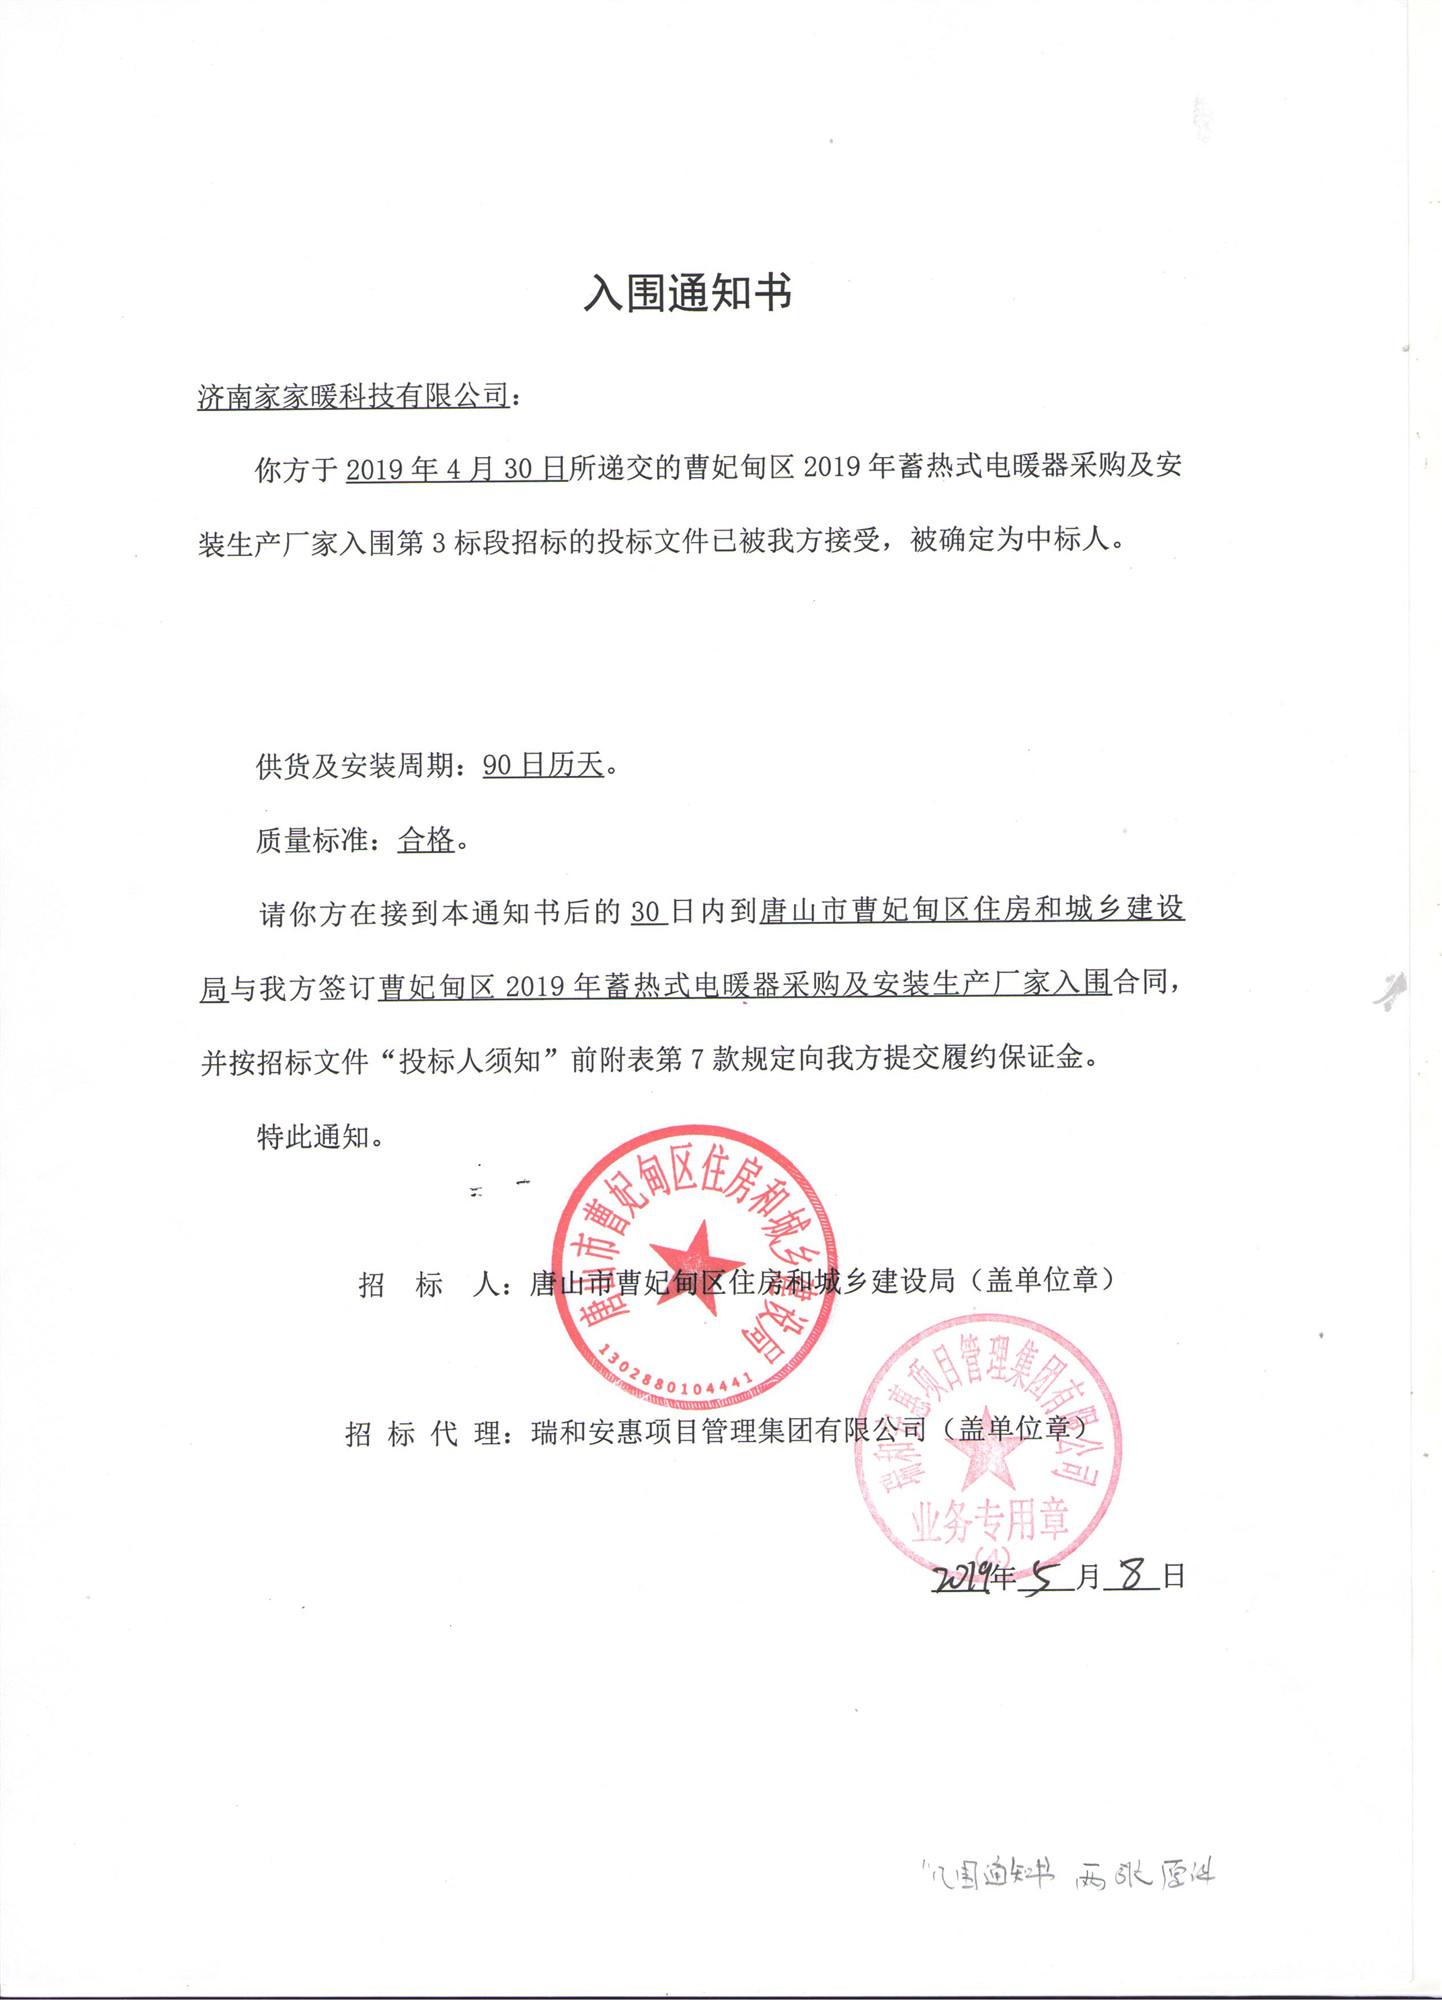 曹妃甸2019年蓄热式电暖器采购项目